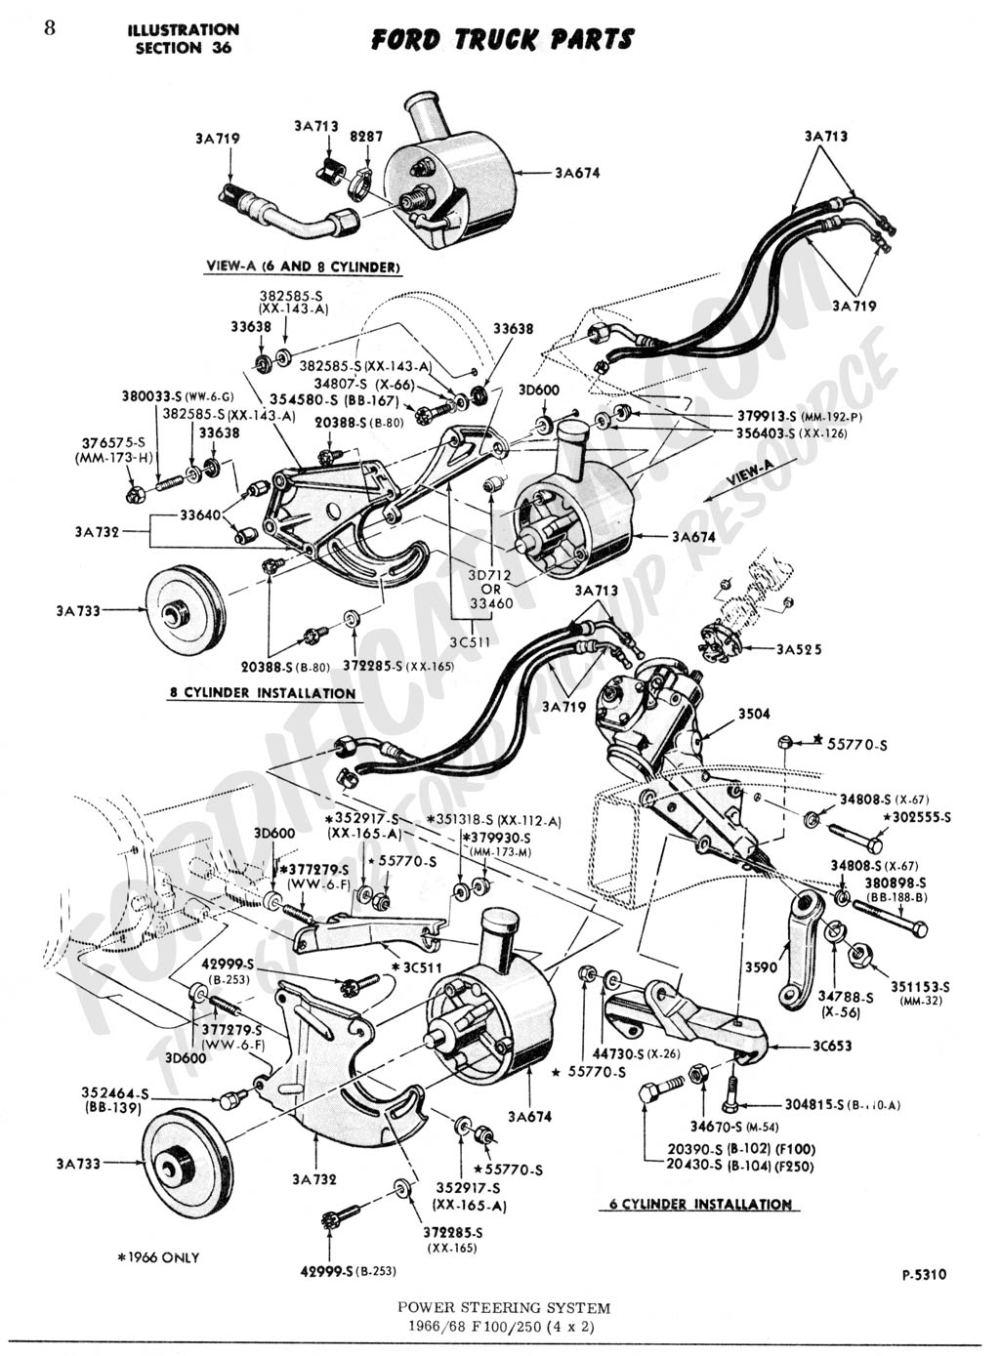 medium resolution of ford steering diagram diagram data schema 2010 ford f150 steering column diagram ford f150 steering diagram